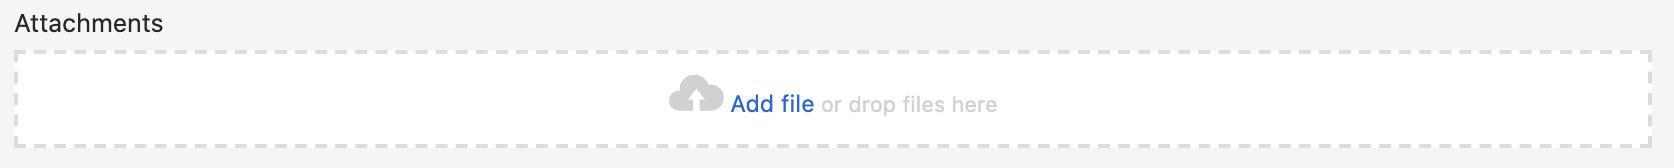 Add file button